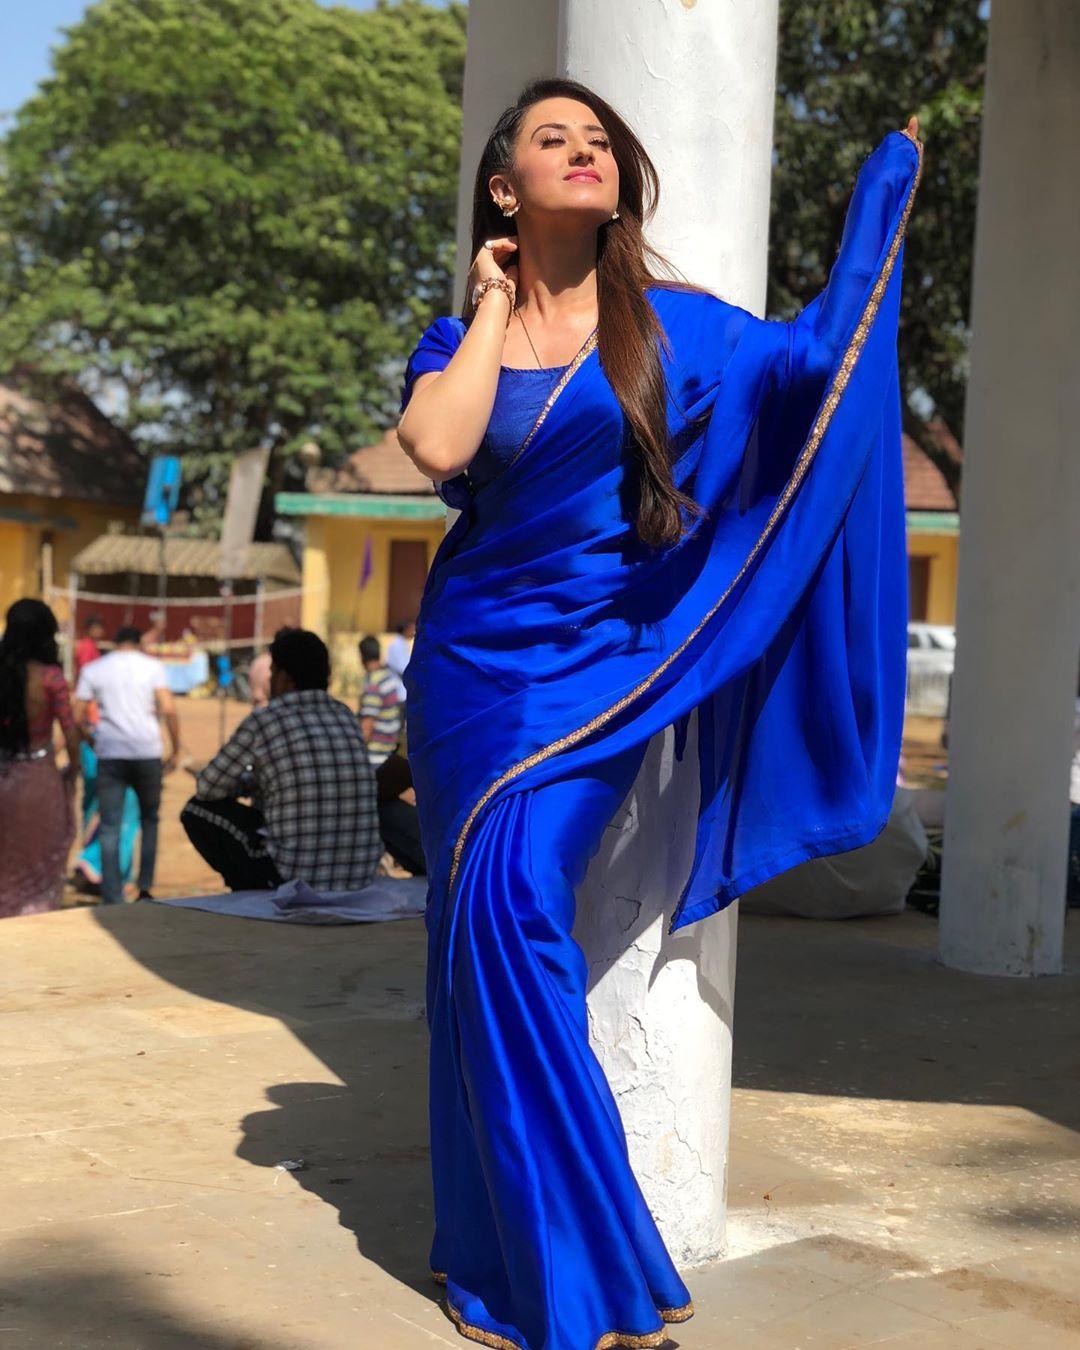 aalisha-panwar-looks-like-hazal-kaya